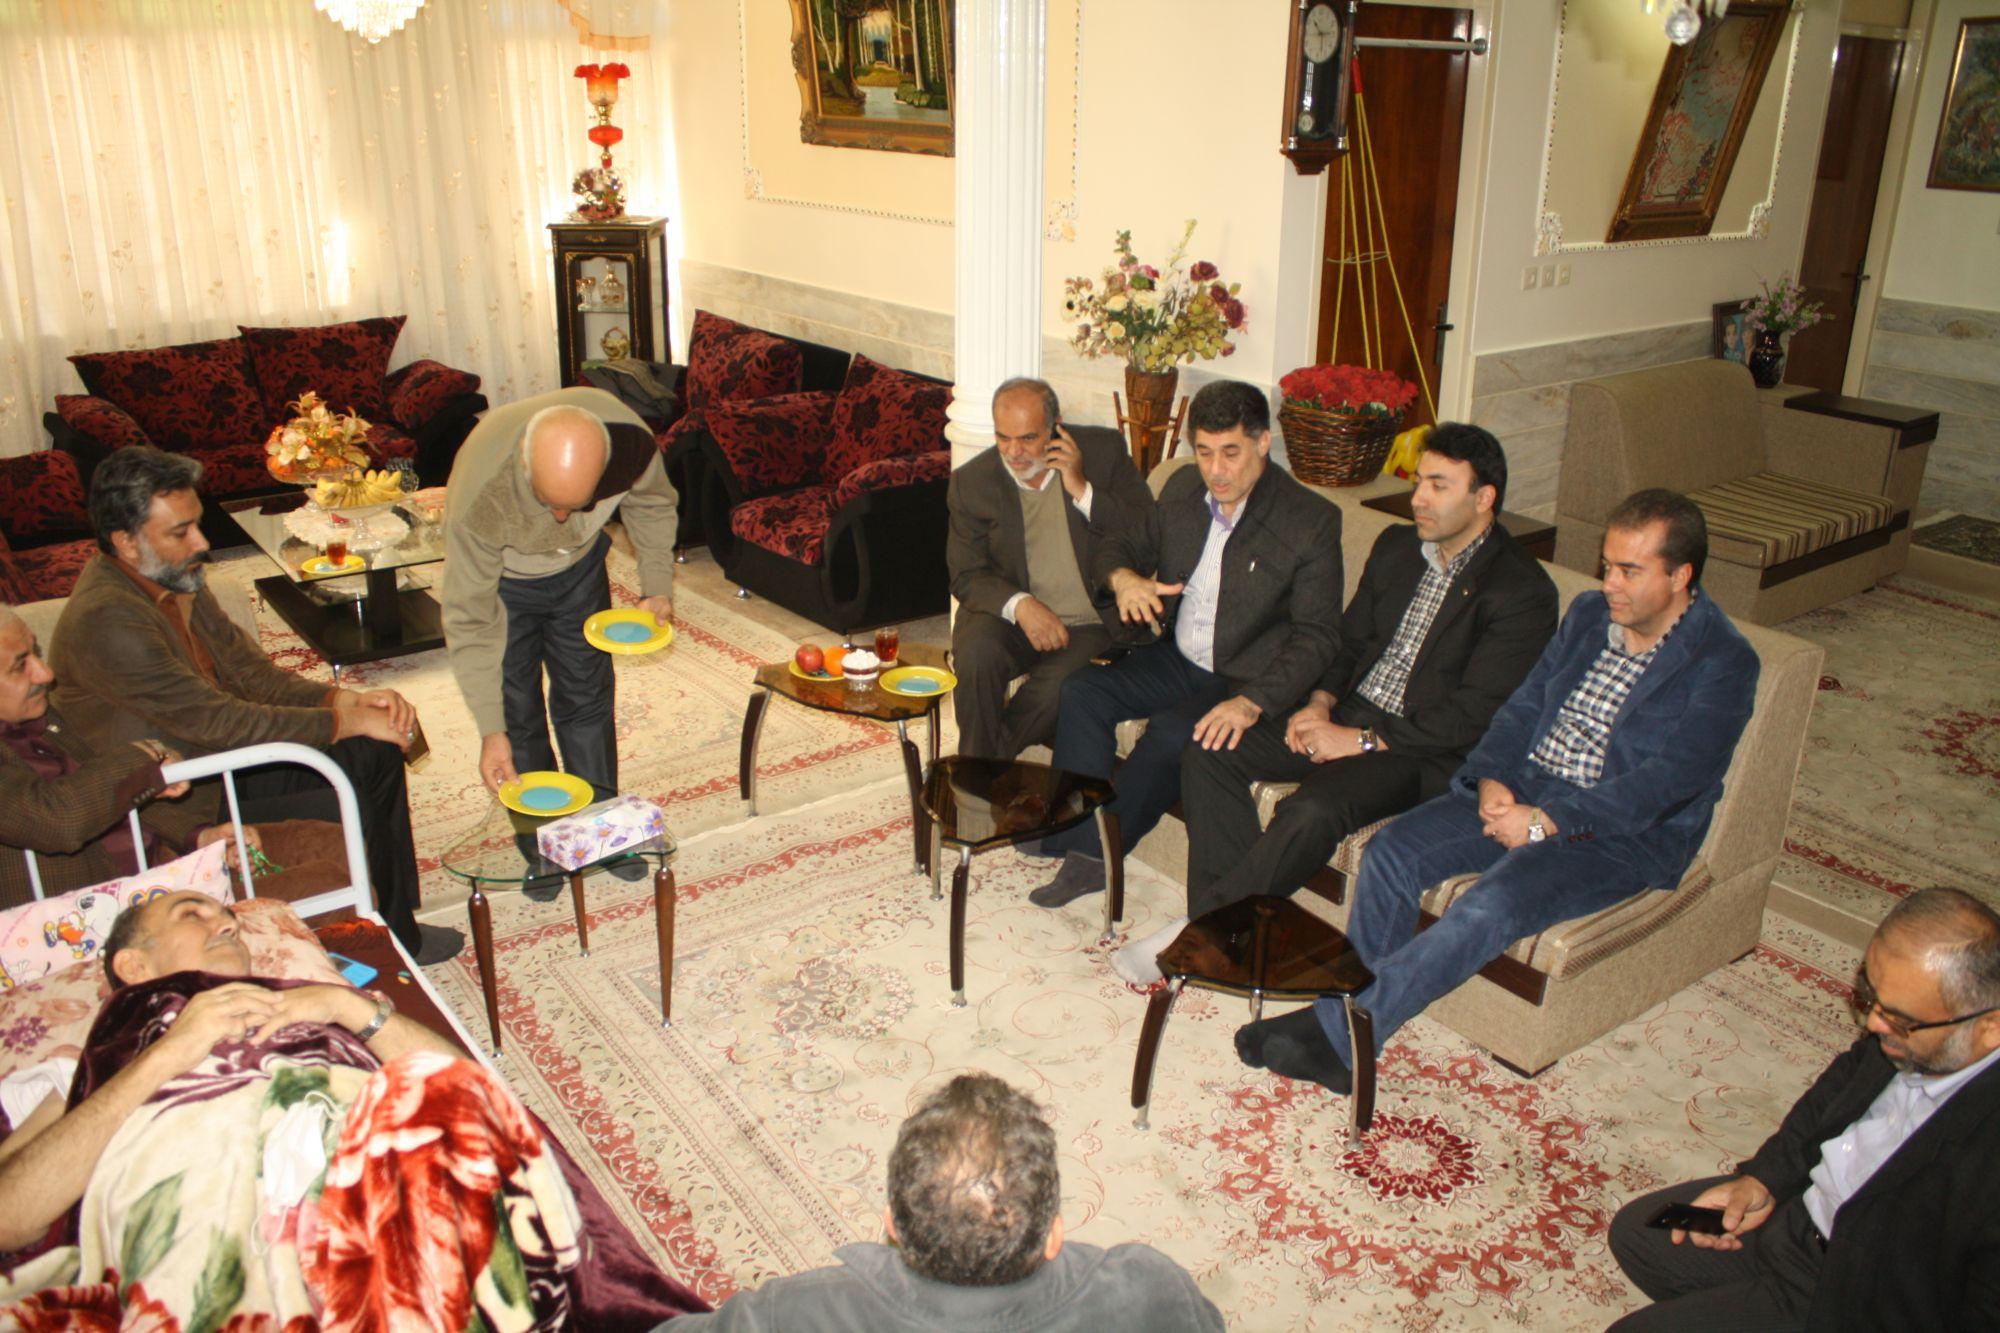 معلم جانباز و شهید زنده حاج محمد رضا سلیم خانیان به یاران شهیدش پیوست